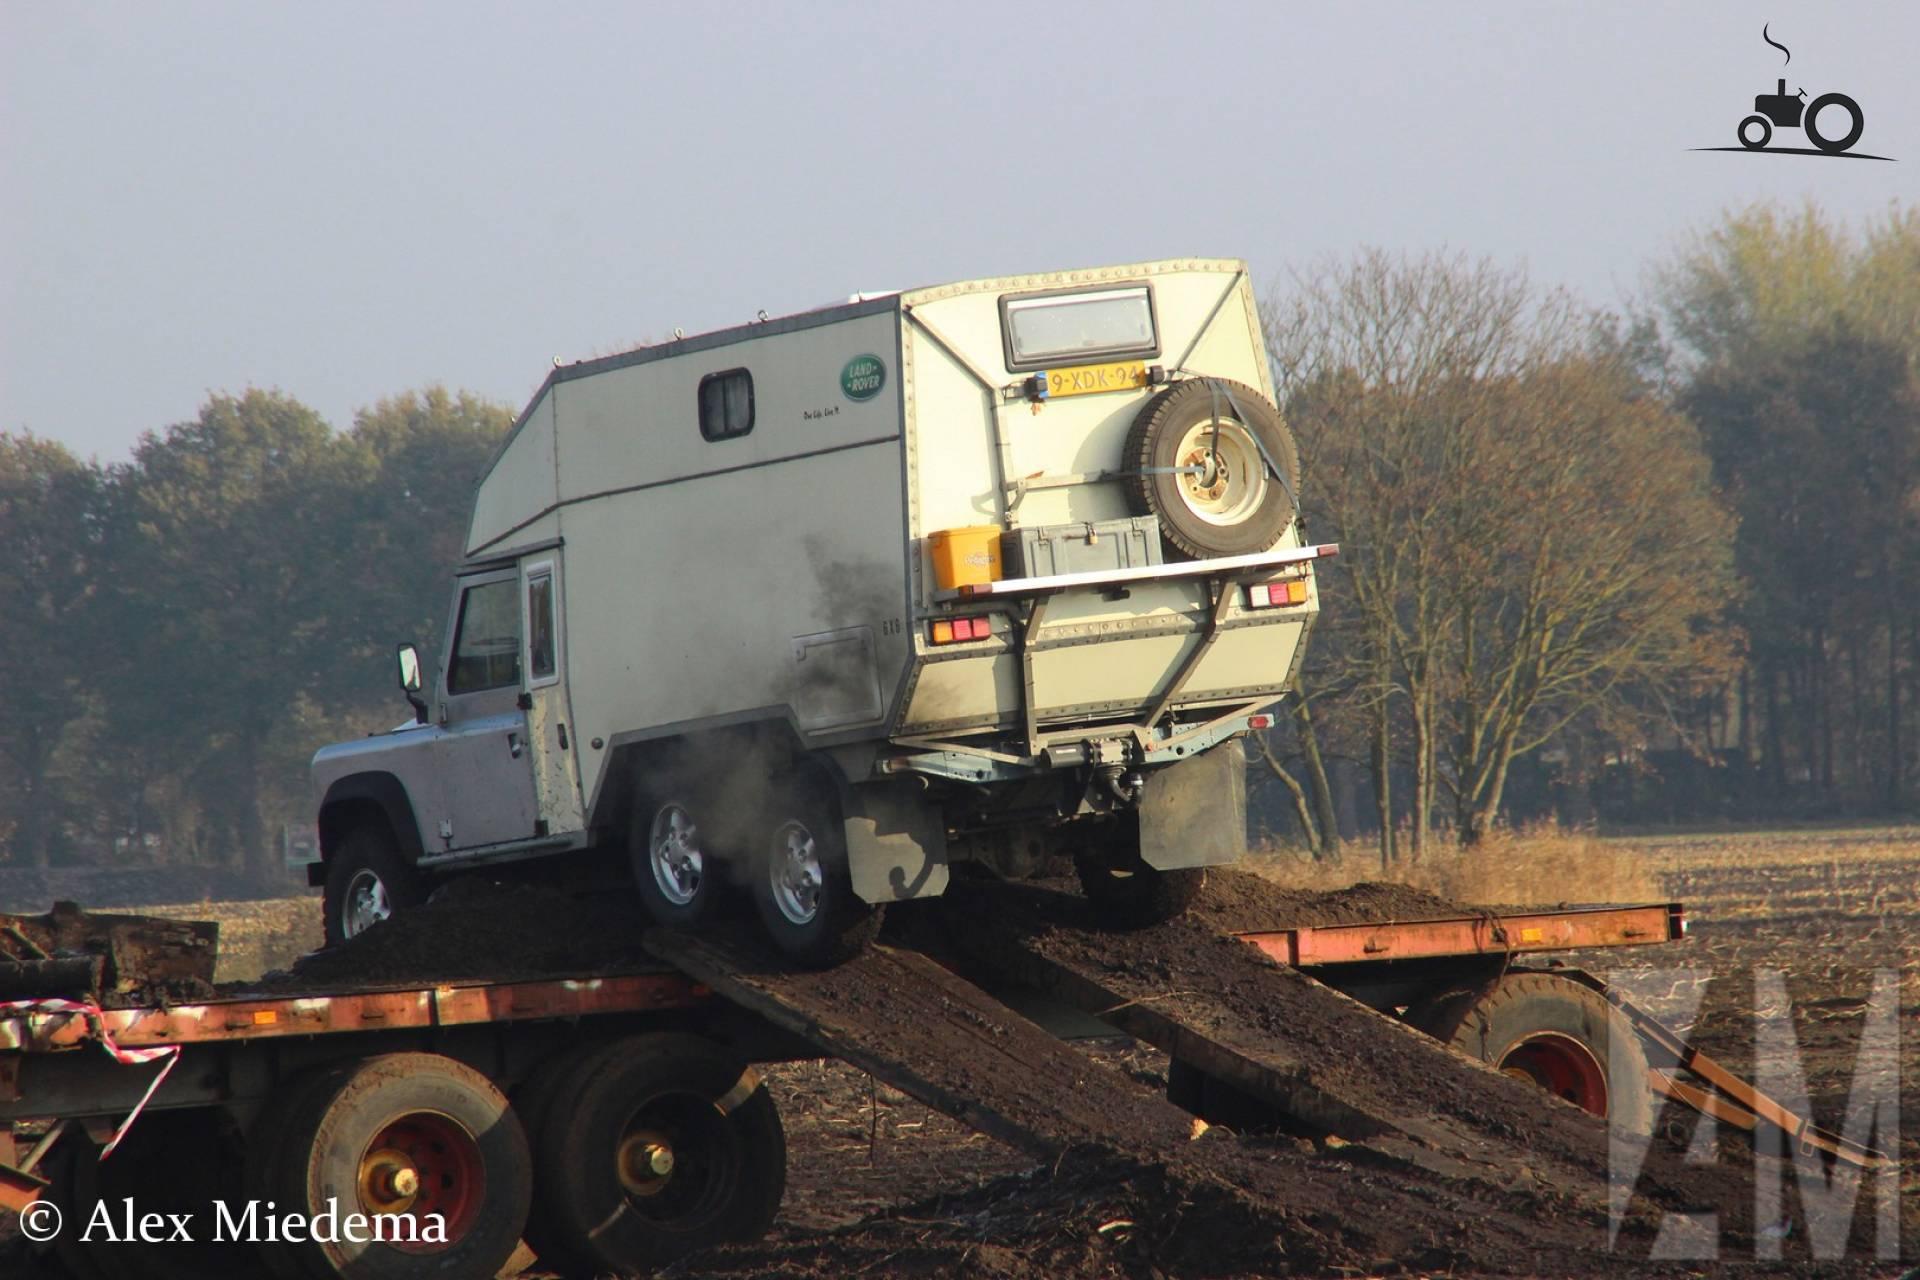 JRA Land Rover 110 Heavy Duty 6x6